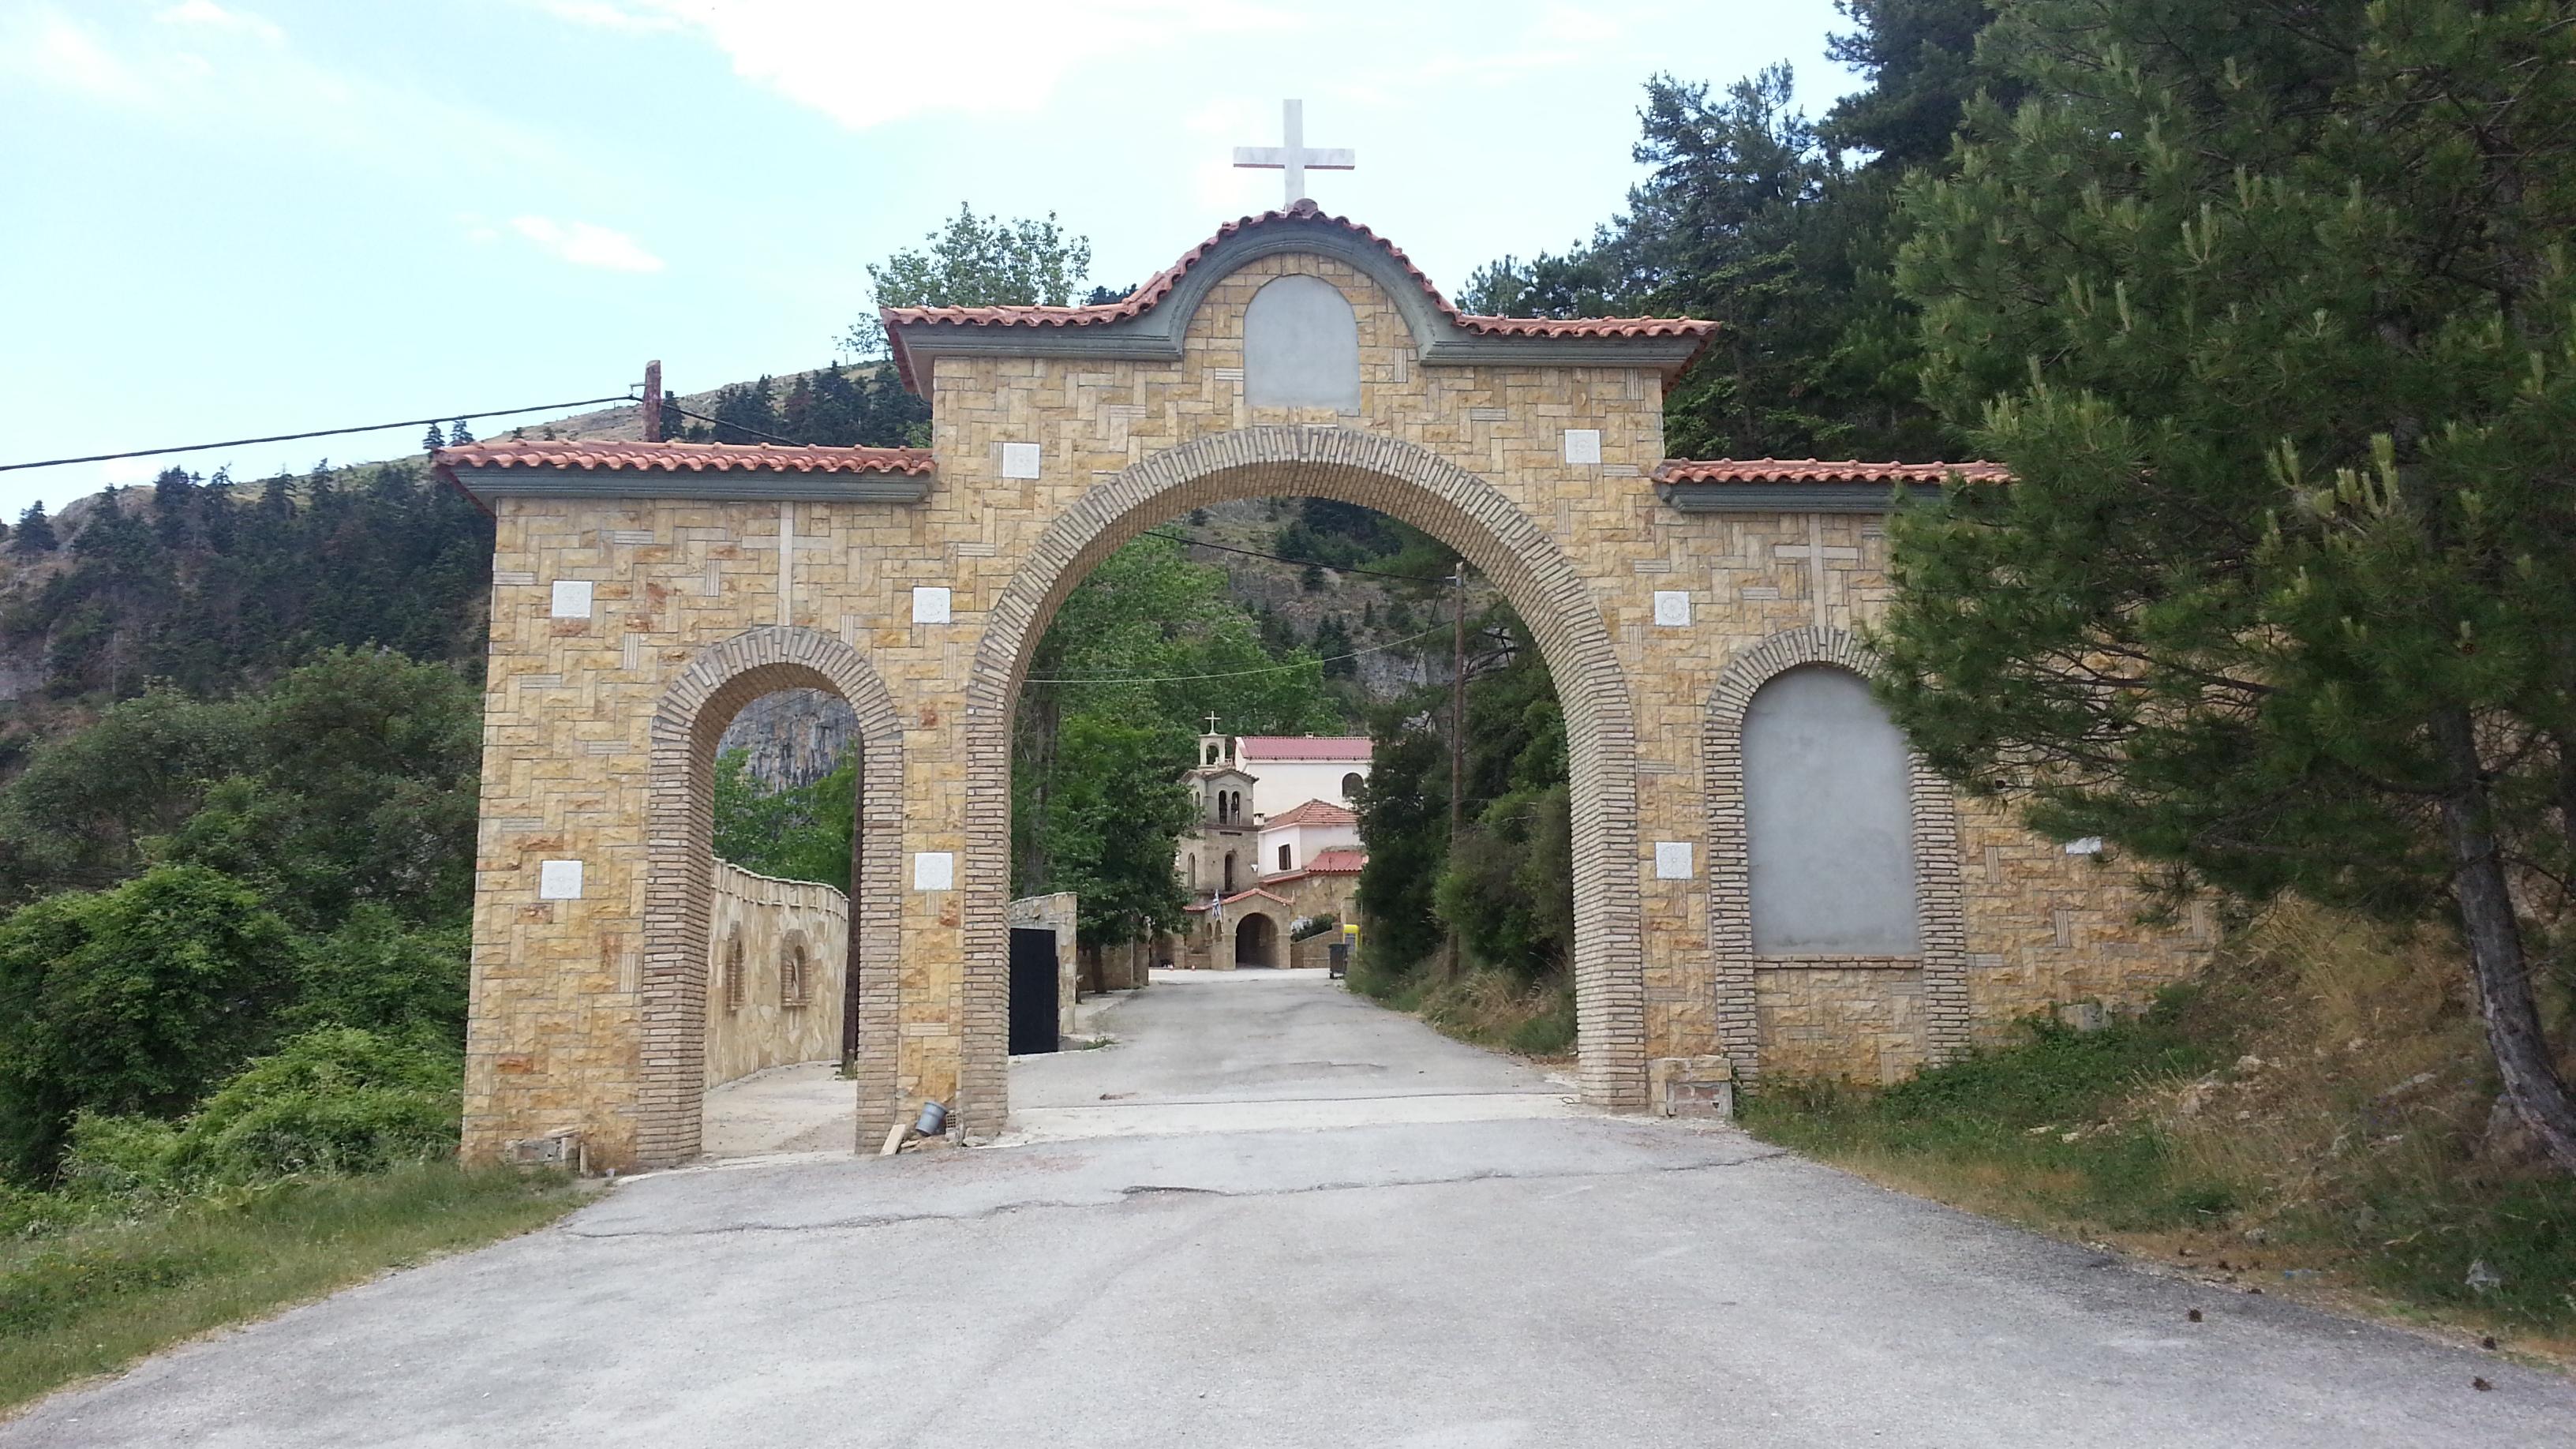 Αποτέλεσμα εικόνας για αγιοσ βλασιοσ μοναστηρι ΦΩΤΟ